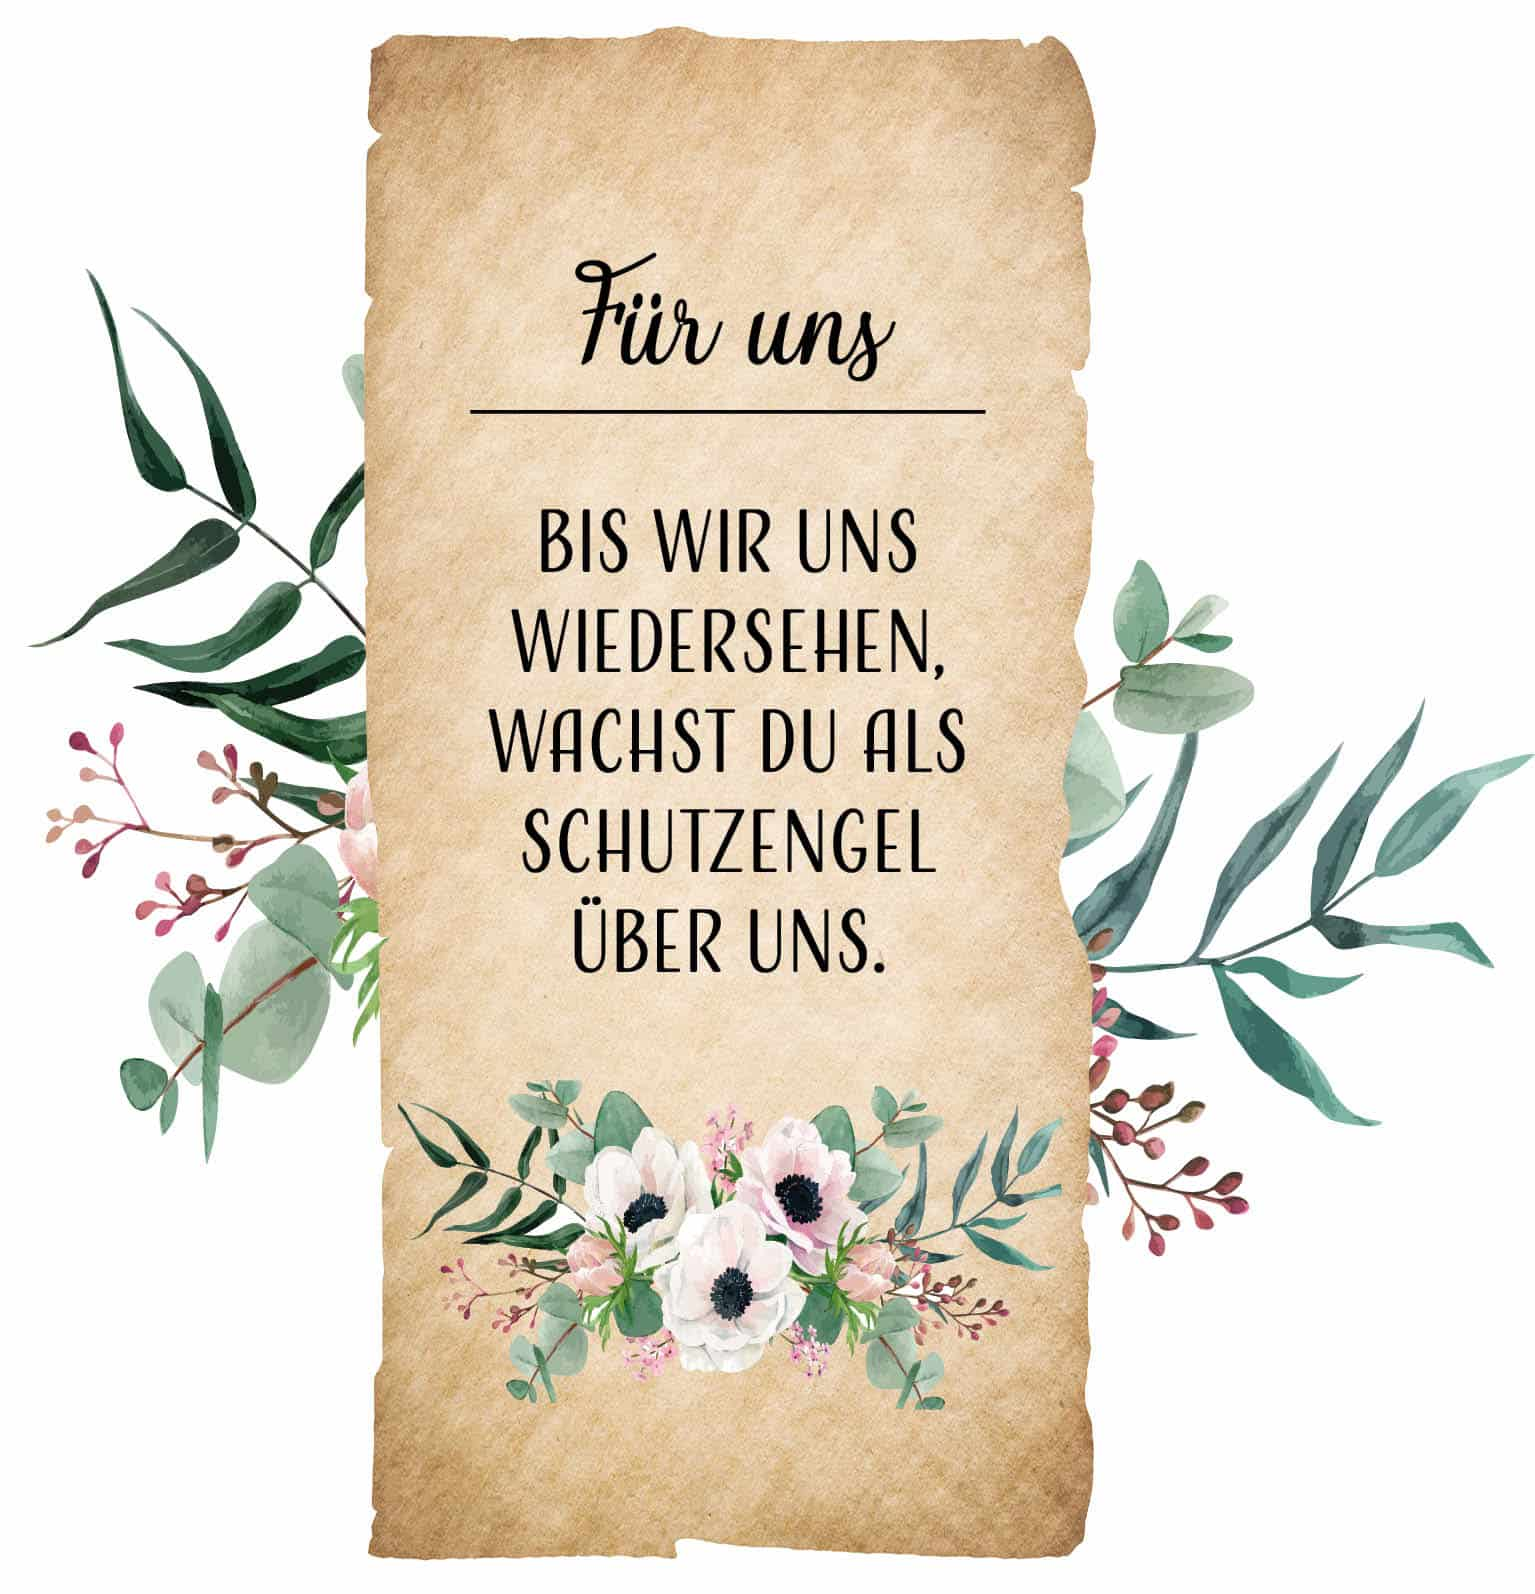 Hofer Premium 7 Tage Motivlicht Brief, FÜR UNS